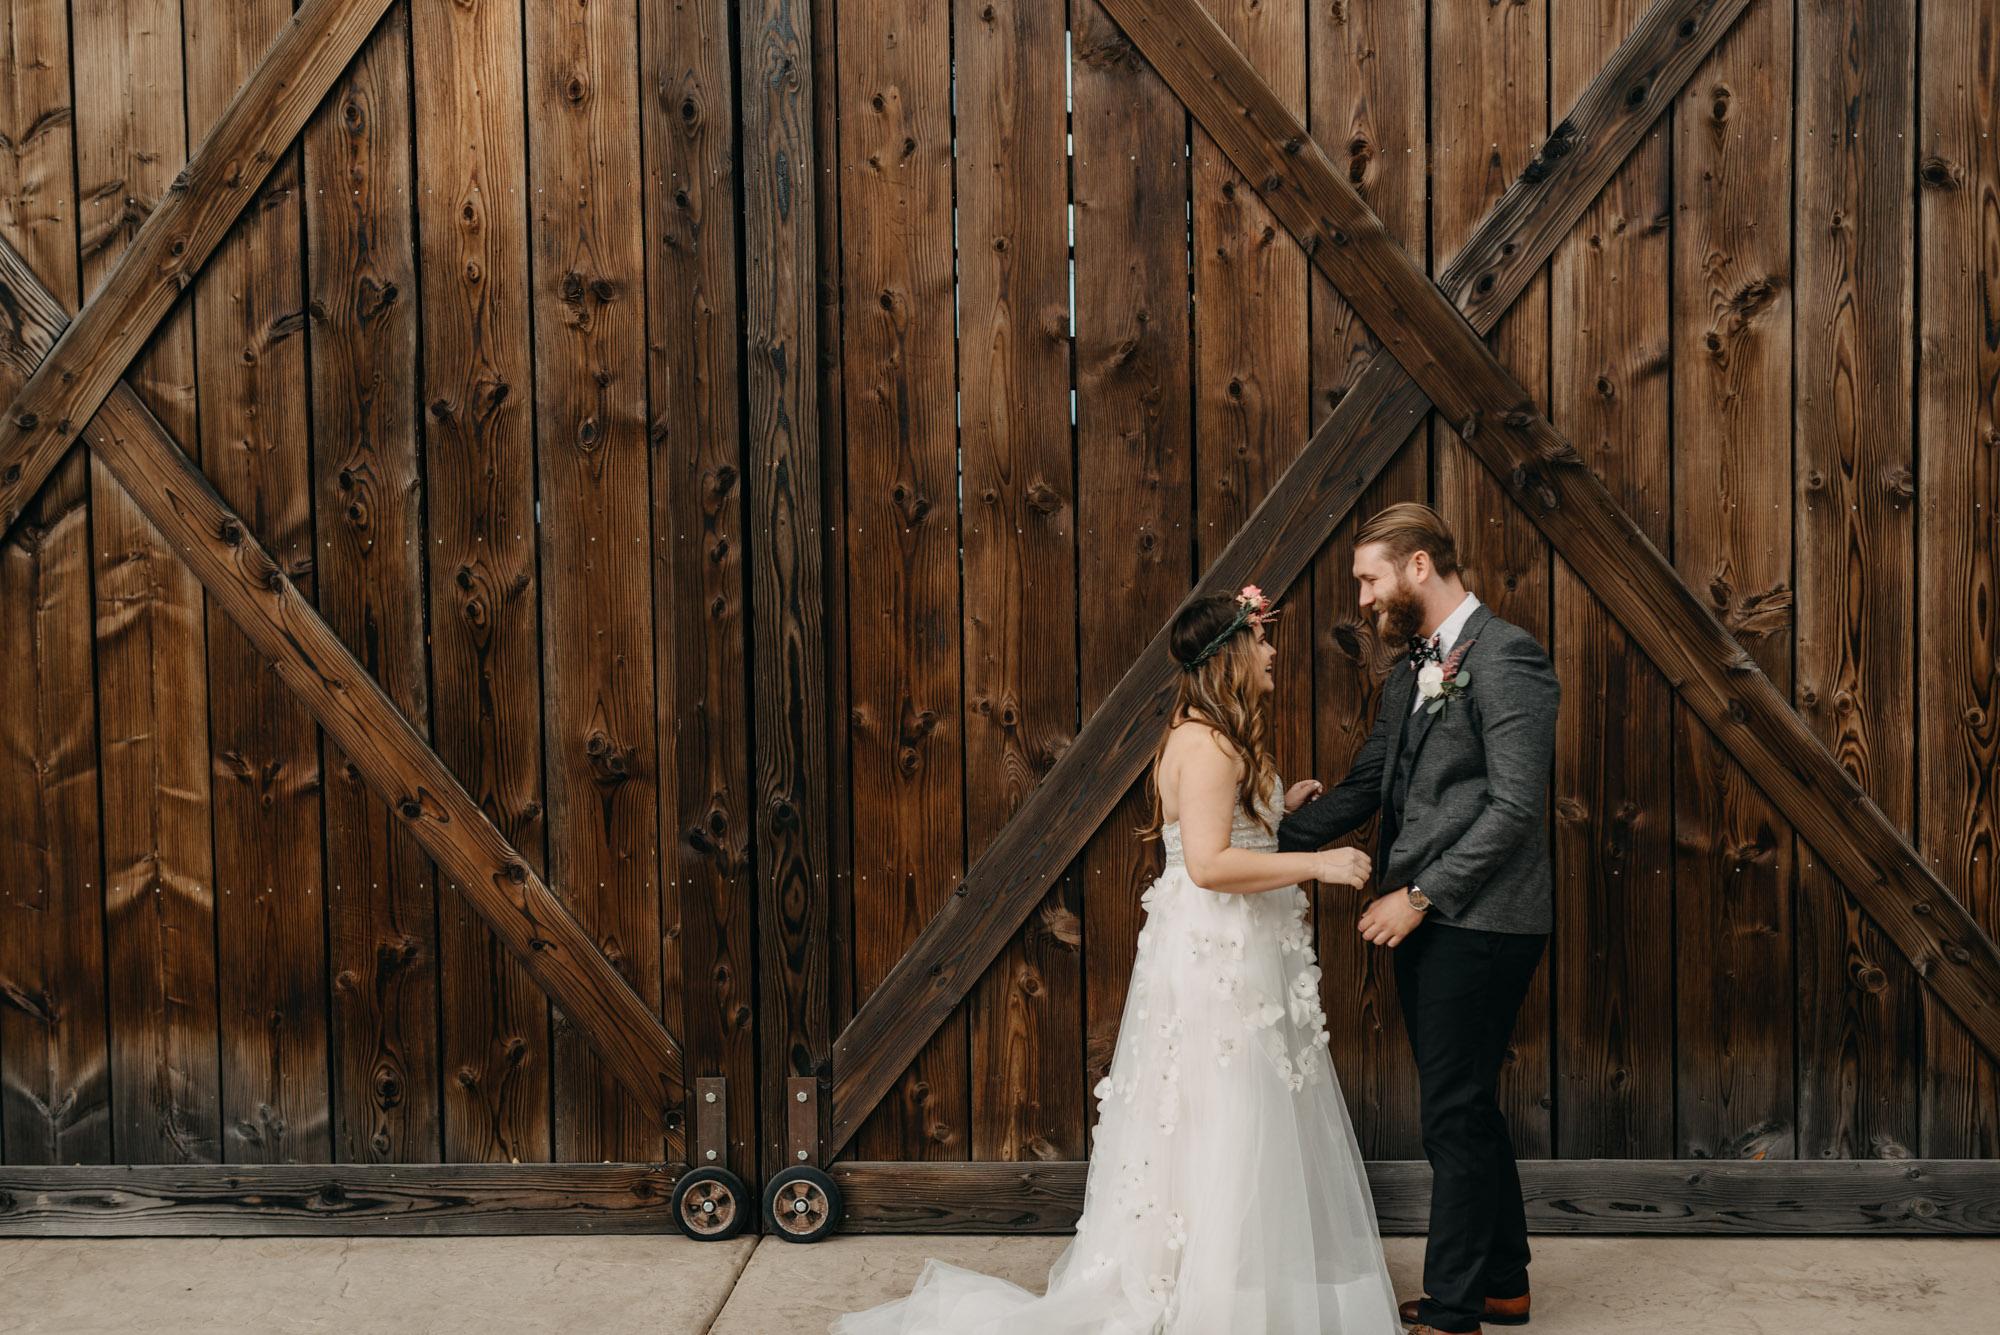 Outdoor-First-Look-Washington-Wedding-Barn-Door-8074.jpg